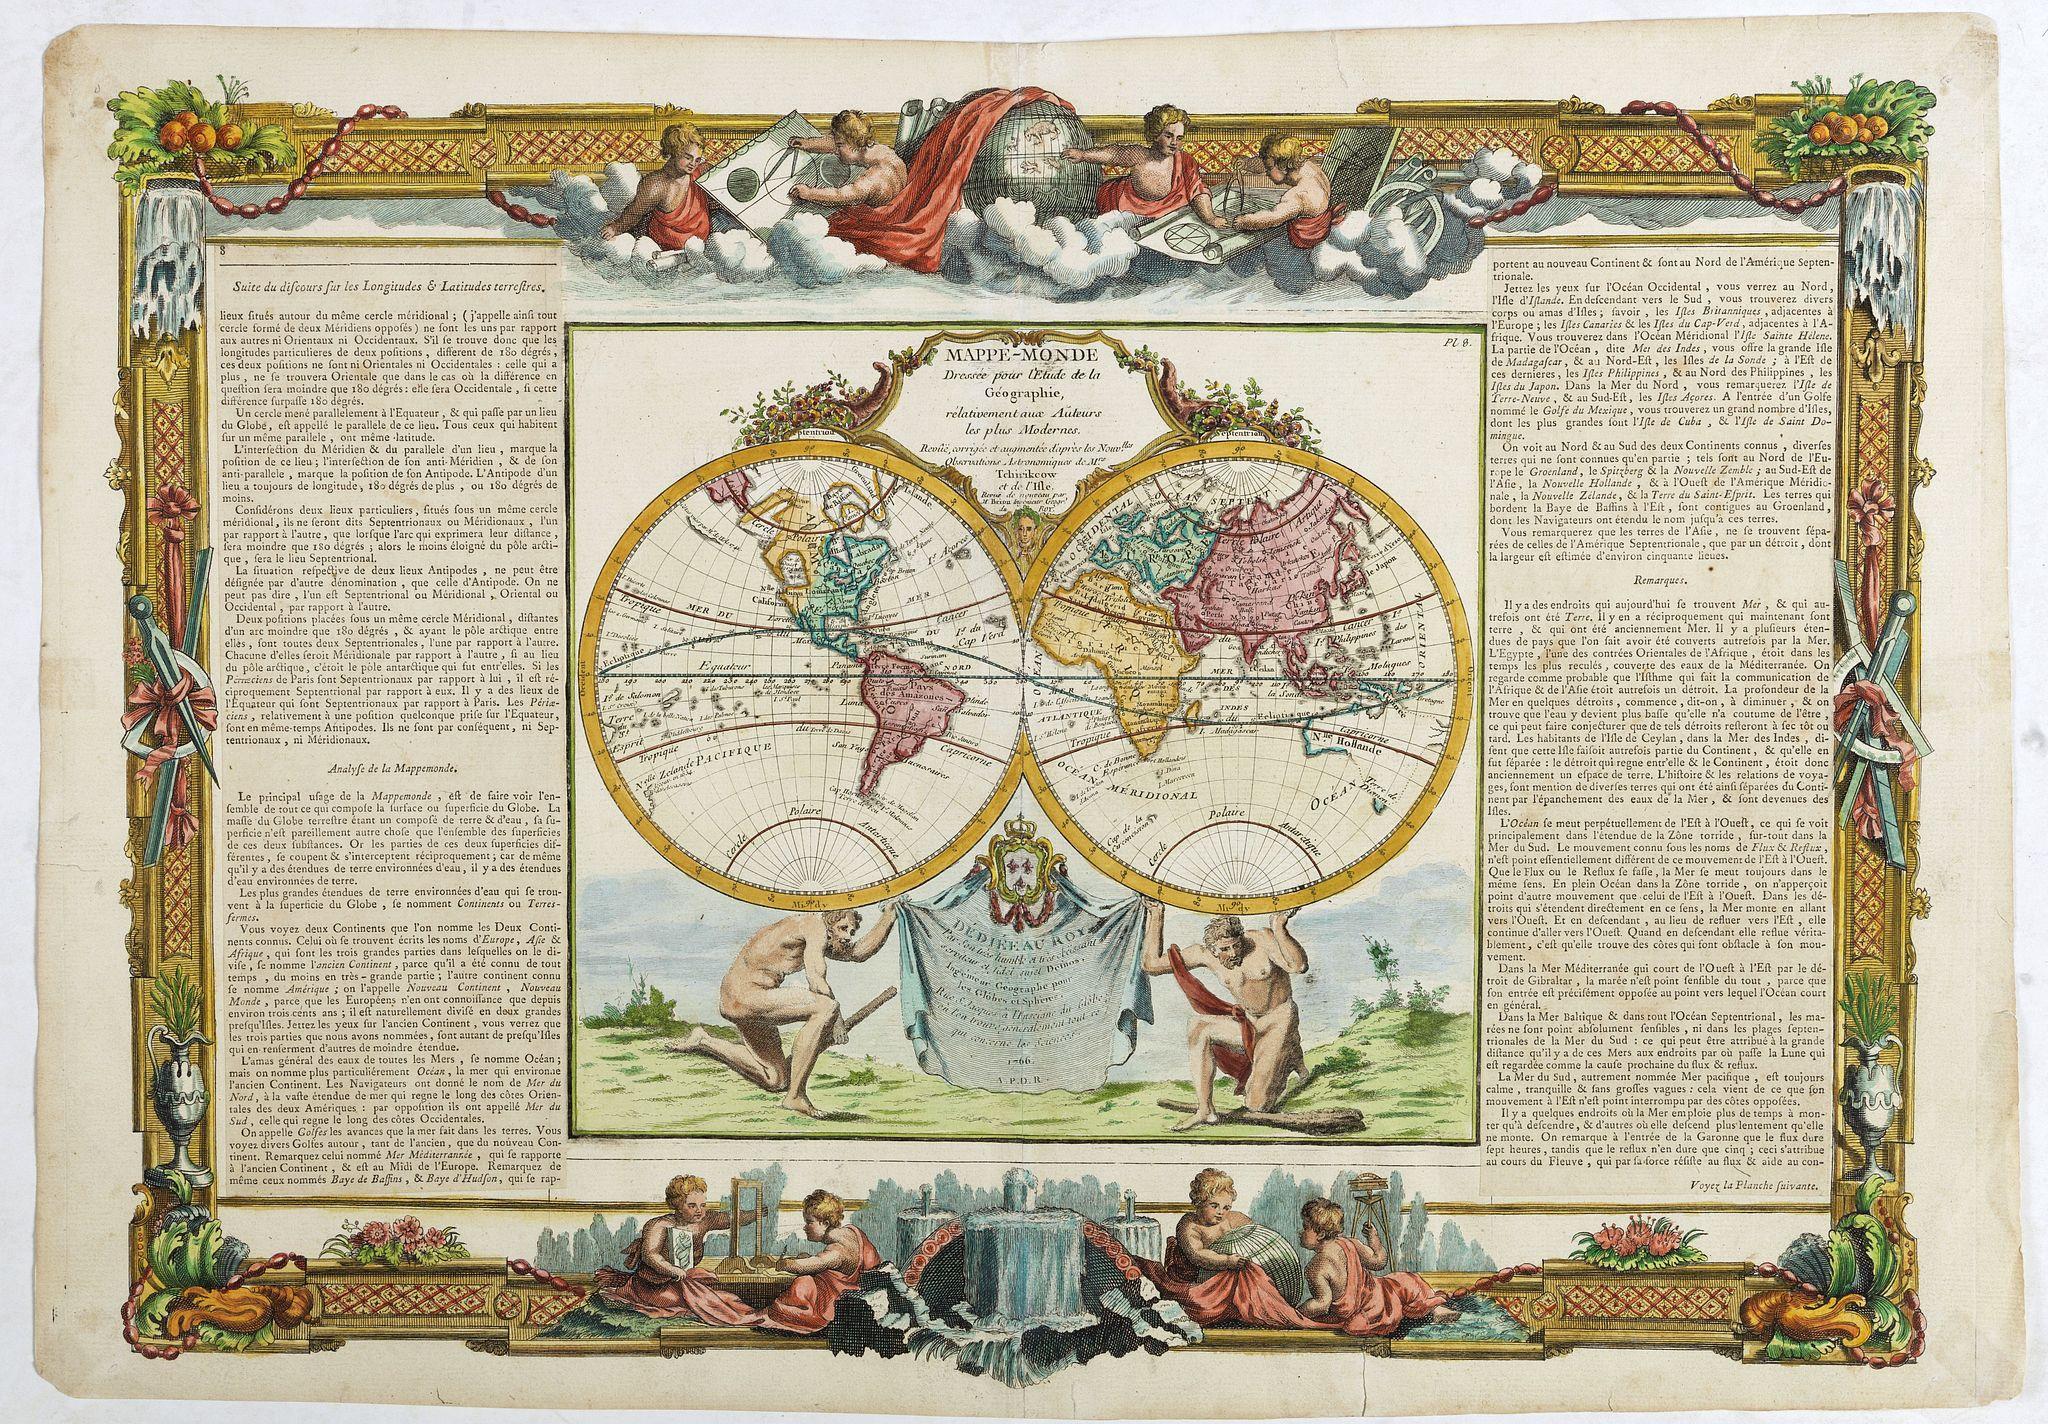 DESNOS/ BRION -  Mappe-monde dréssée pour l'étude de la géographie, relativement aux auteurs les plus modernes . . .